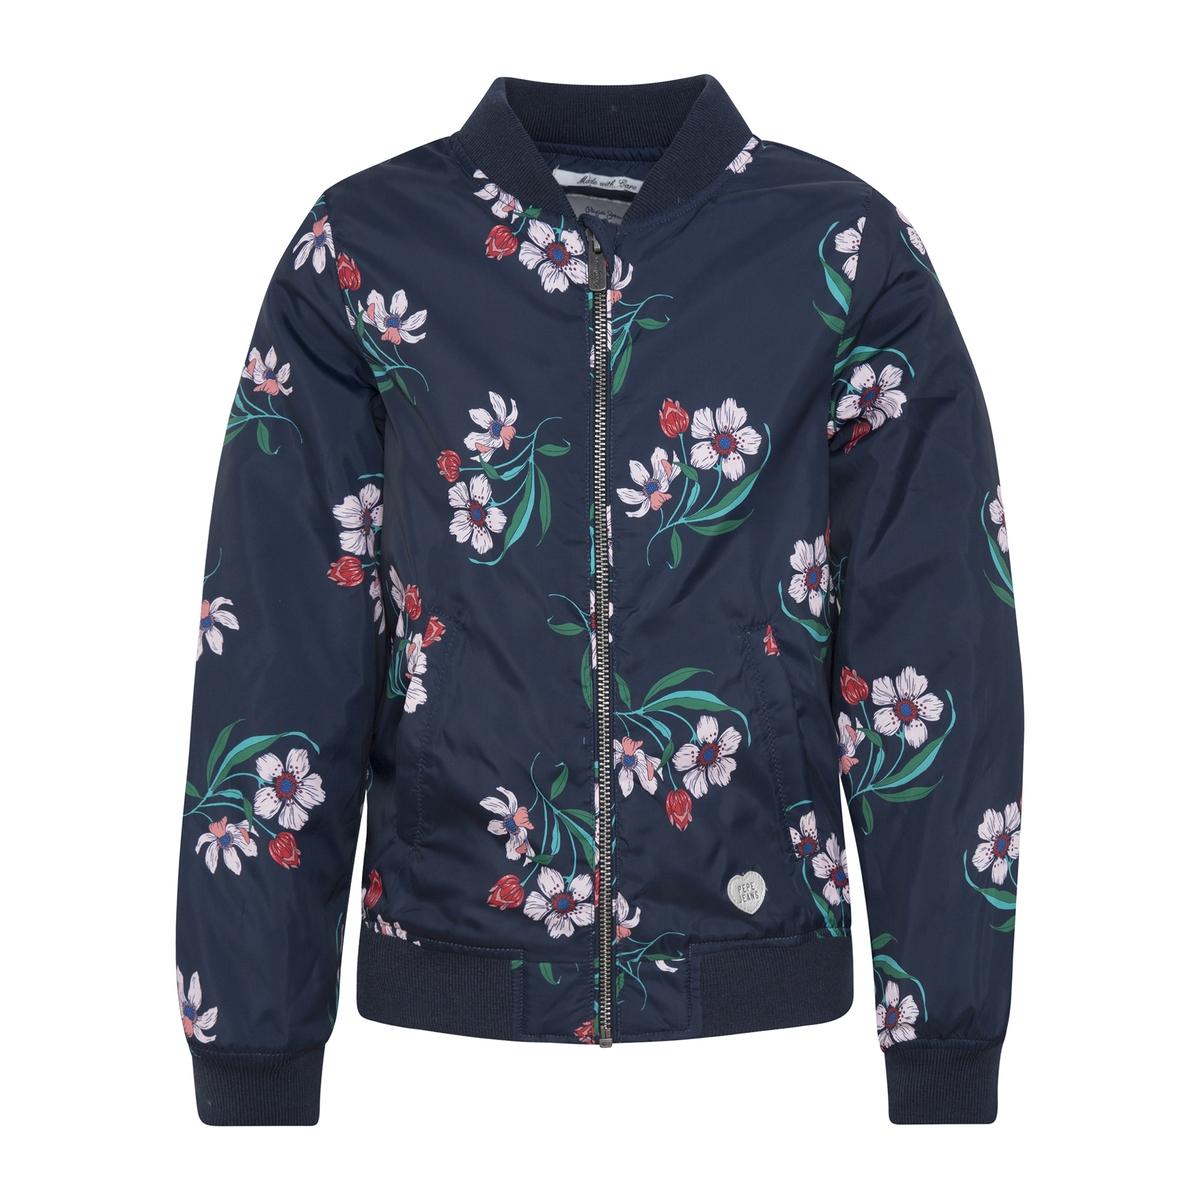 Куртка-бомбер La Redoute С цветочным рисунком 10 лет - 138 см синий